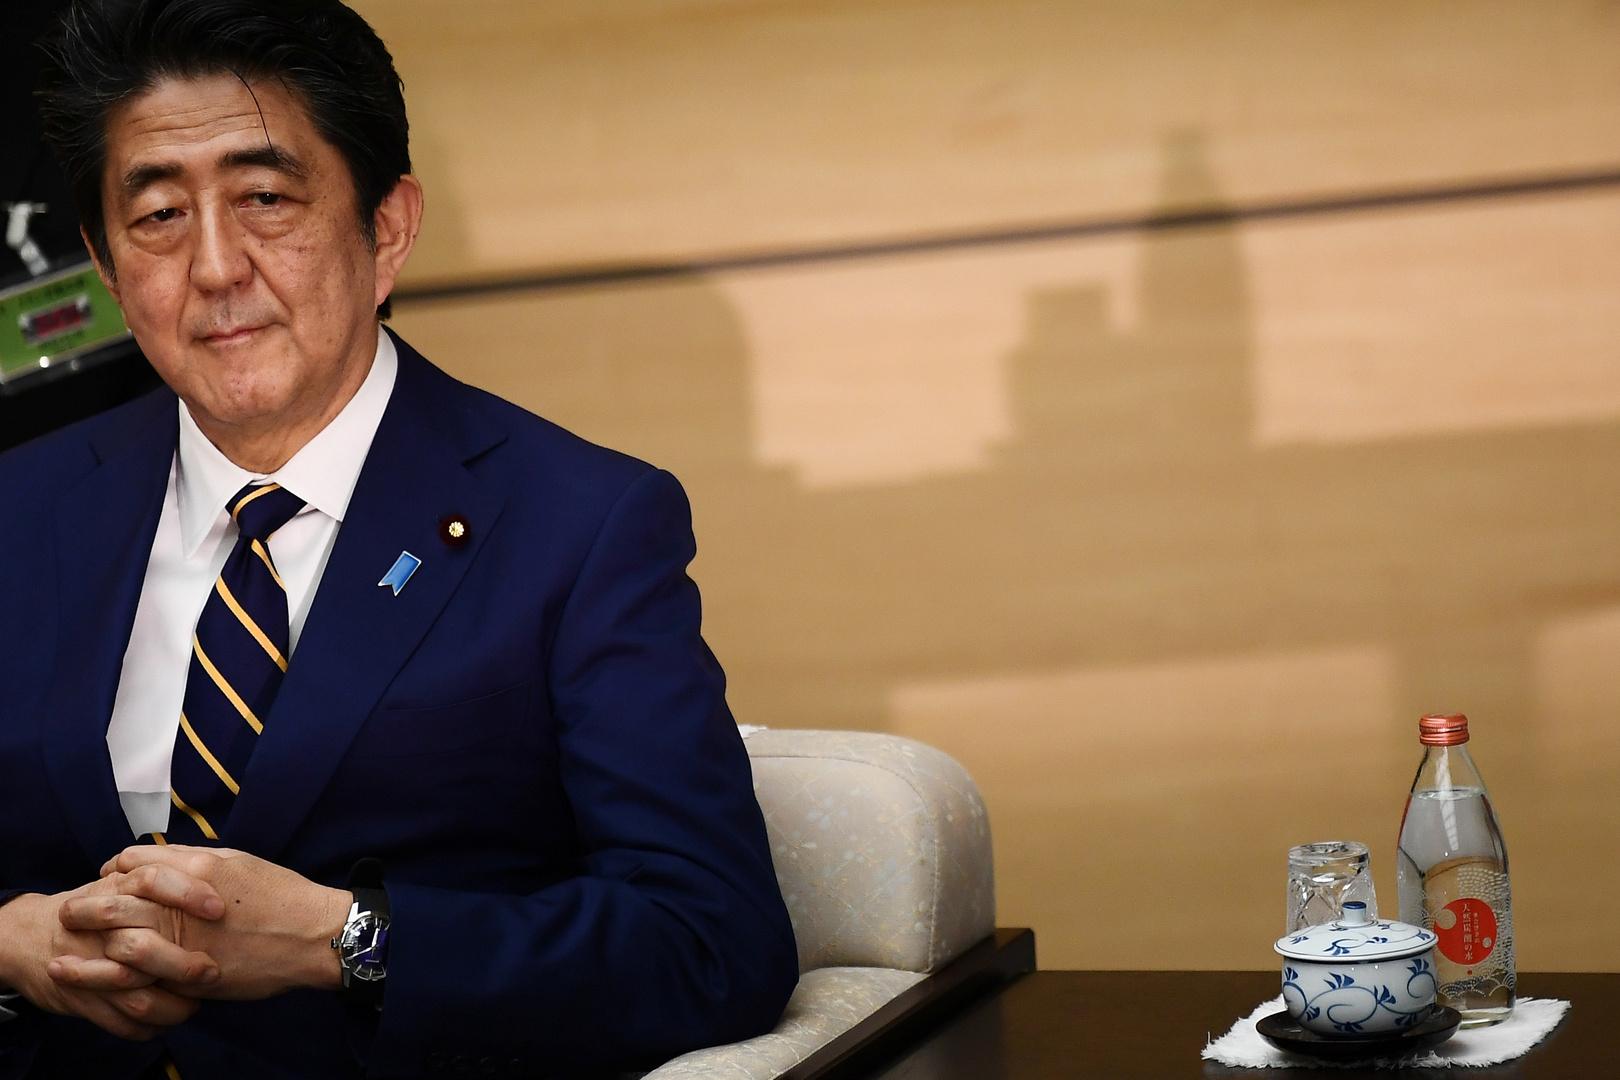 رئيس وزراء اليابان متمسك بنشر قوات في الشرق الأوسط